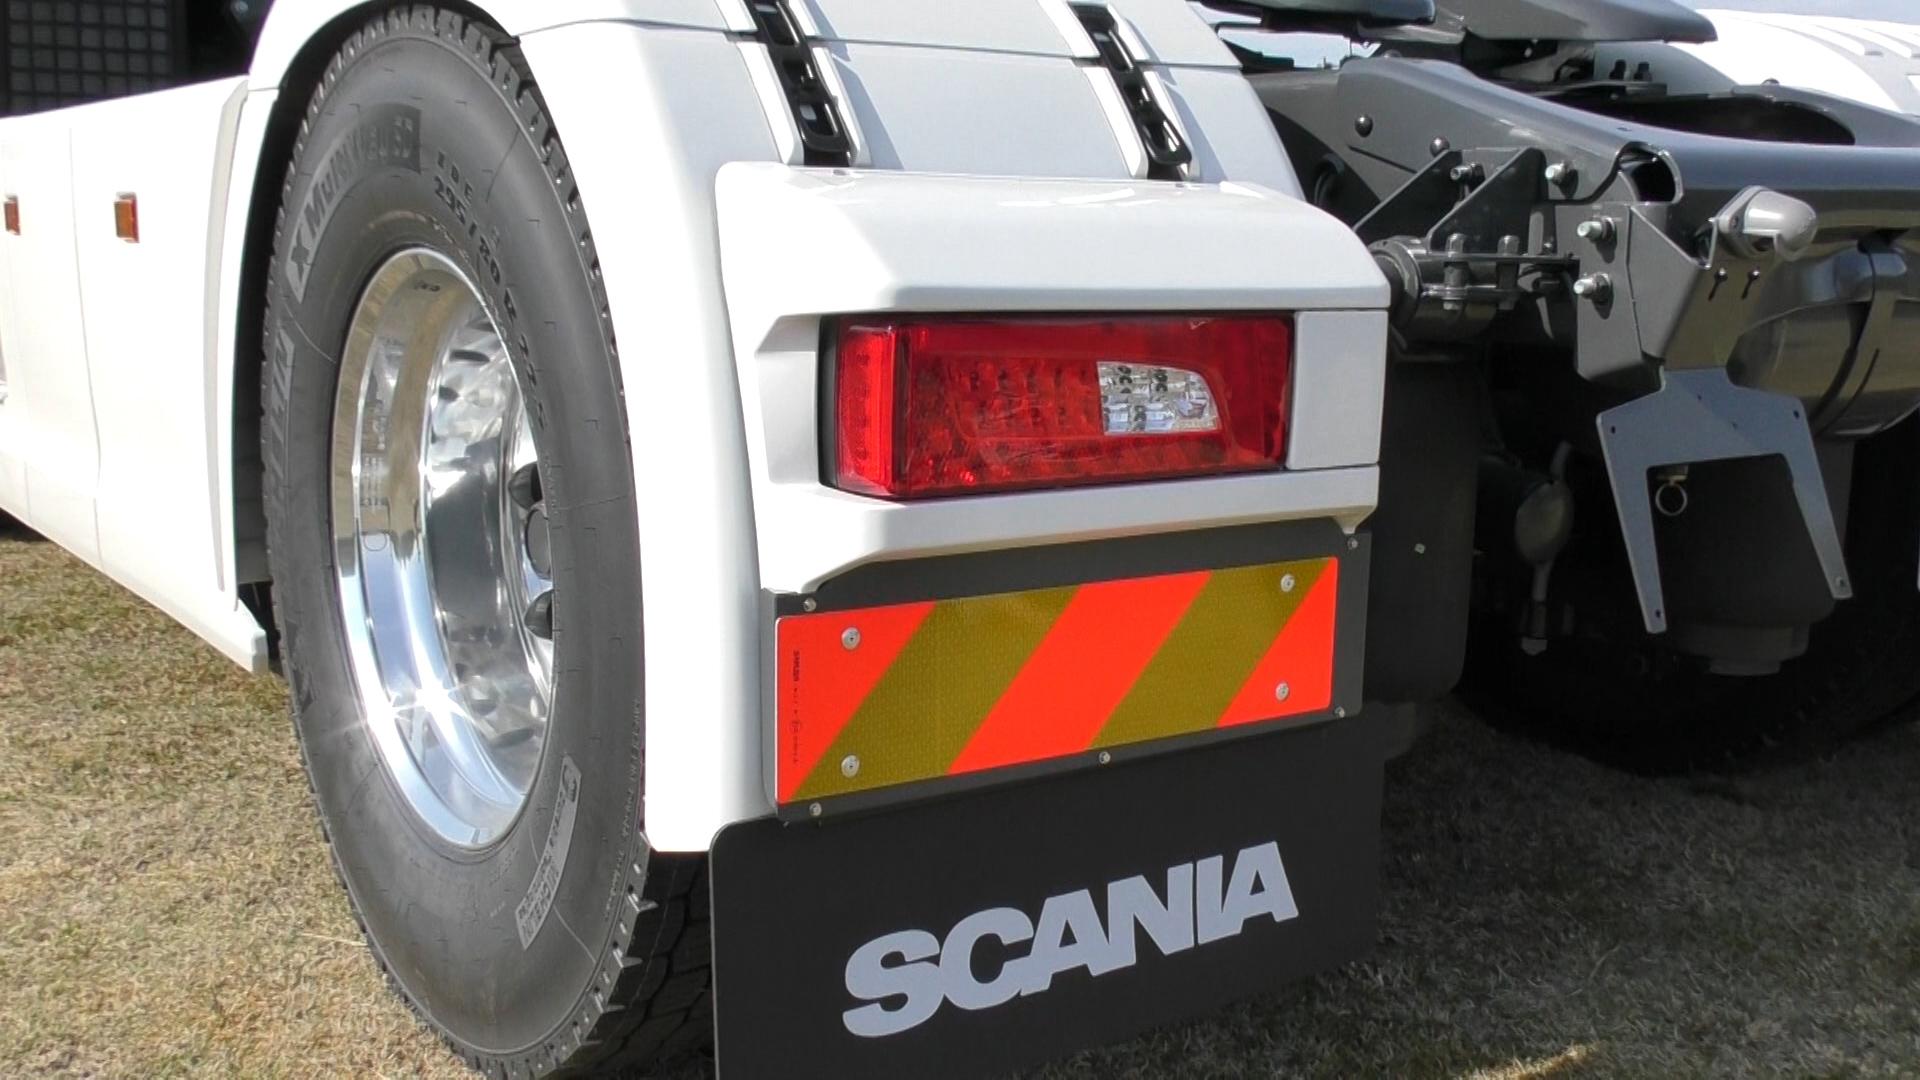 「大型トラックは運転席を丸ごと前倒しできるって知ってました?【新型スカニア・R450】」の3枚目の画像